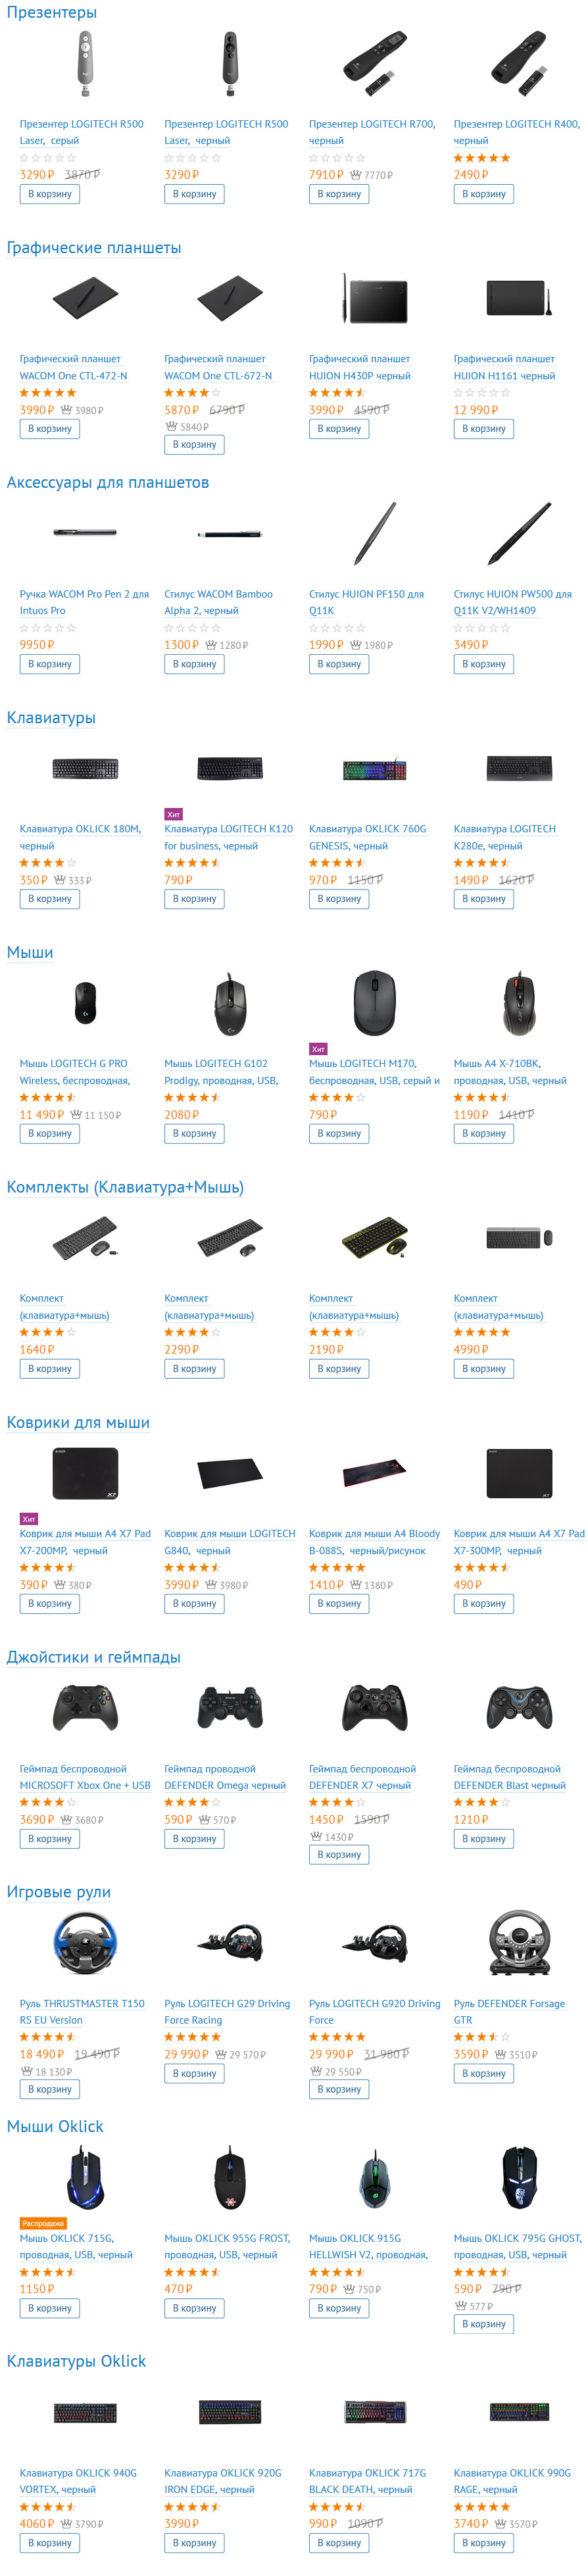 Манипуляторы и устройства ввода в Ситилинк 3